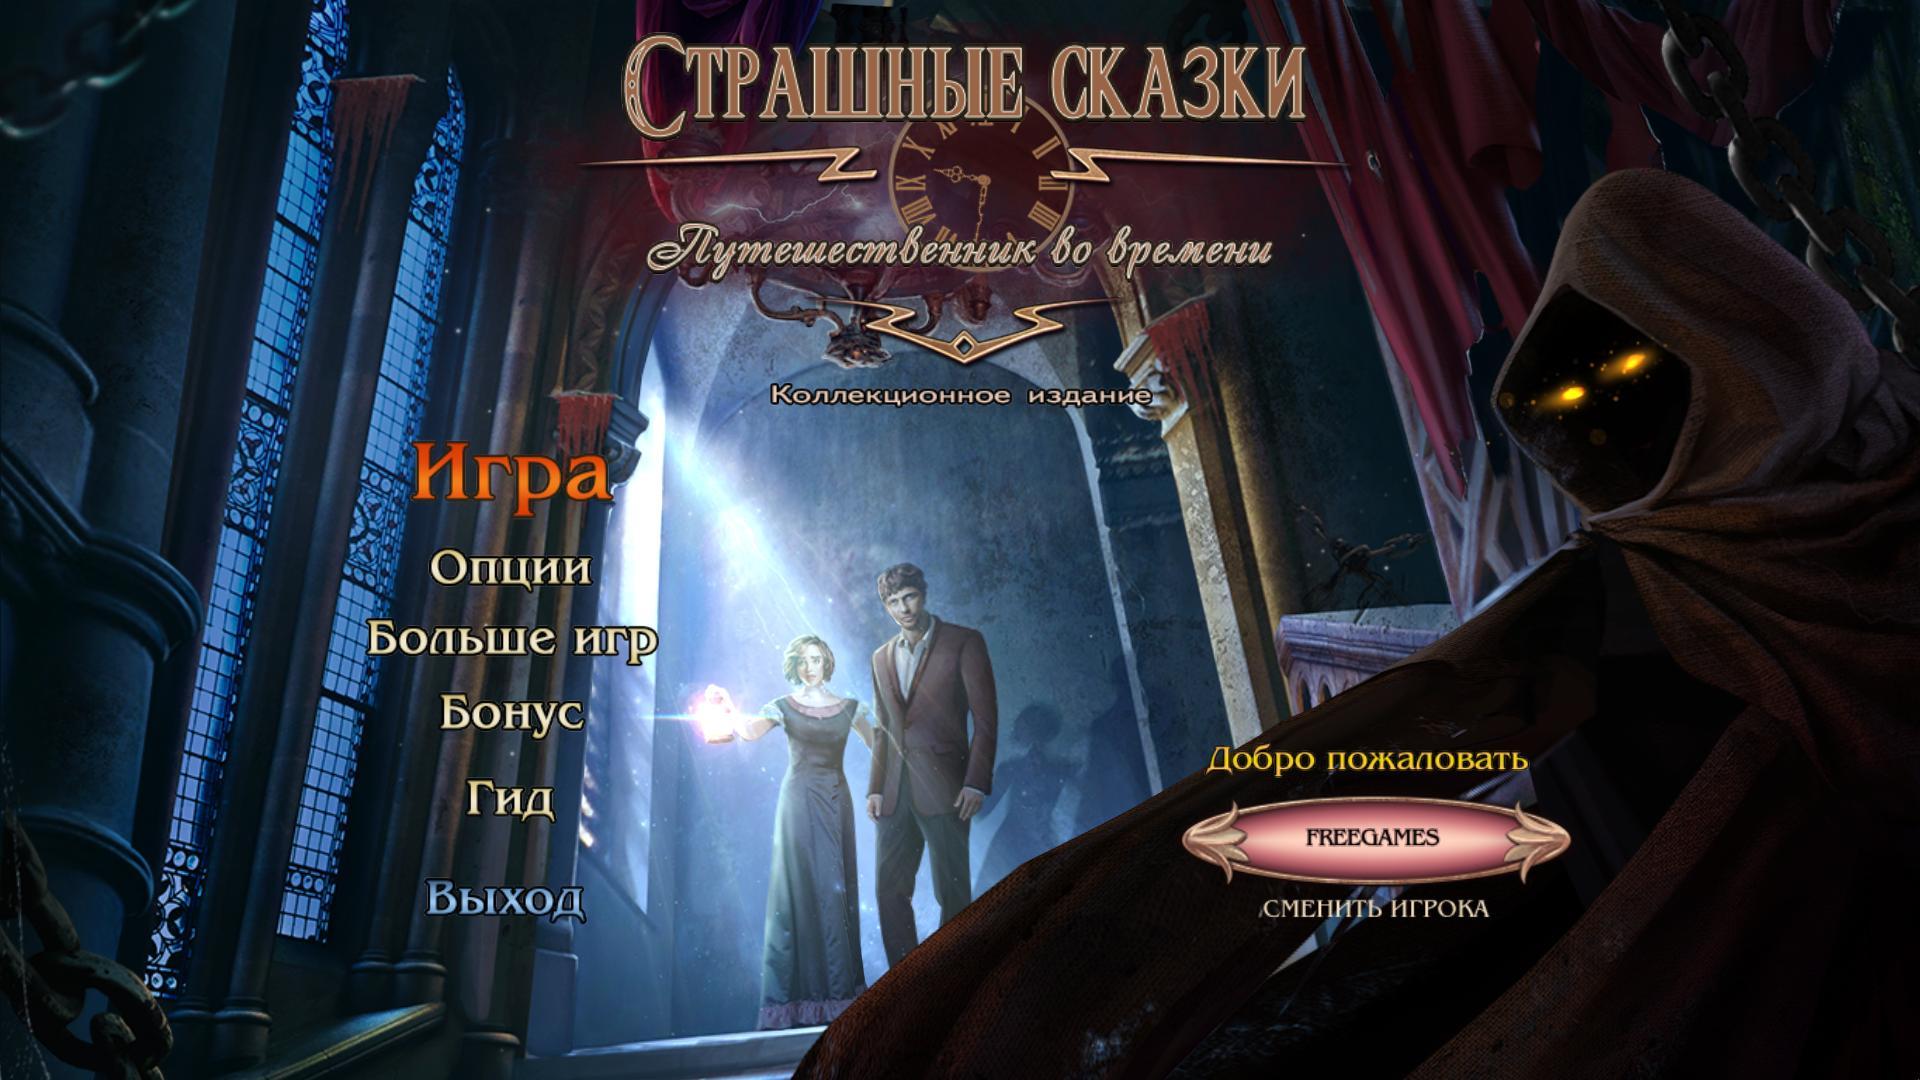 Страшные сказки 14: Путешественник во времени. Коллекционное издание | Grim Tales 14: The Time Traveler CE (Rus)